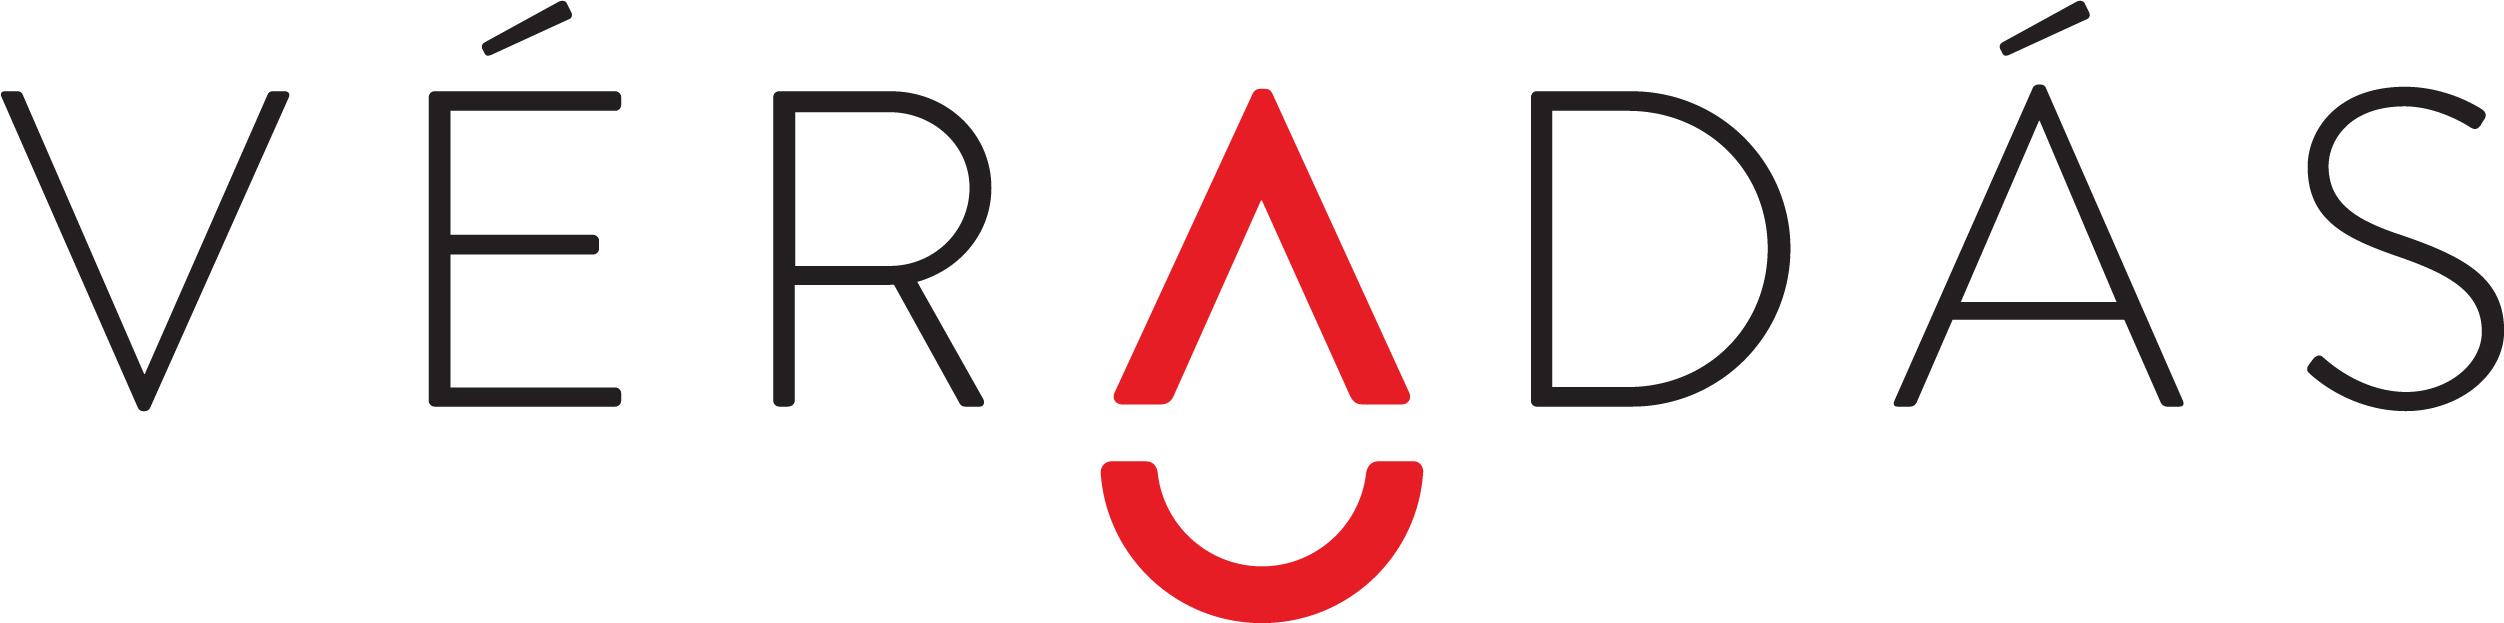 veradas_logo.jpg